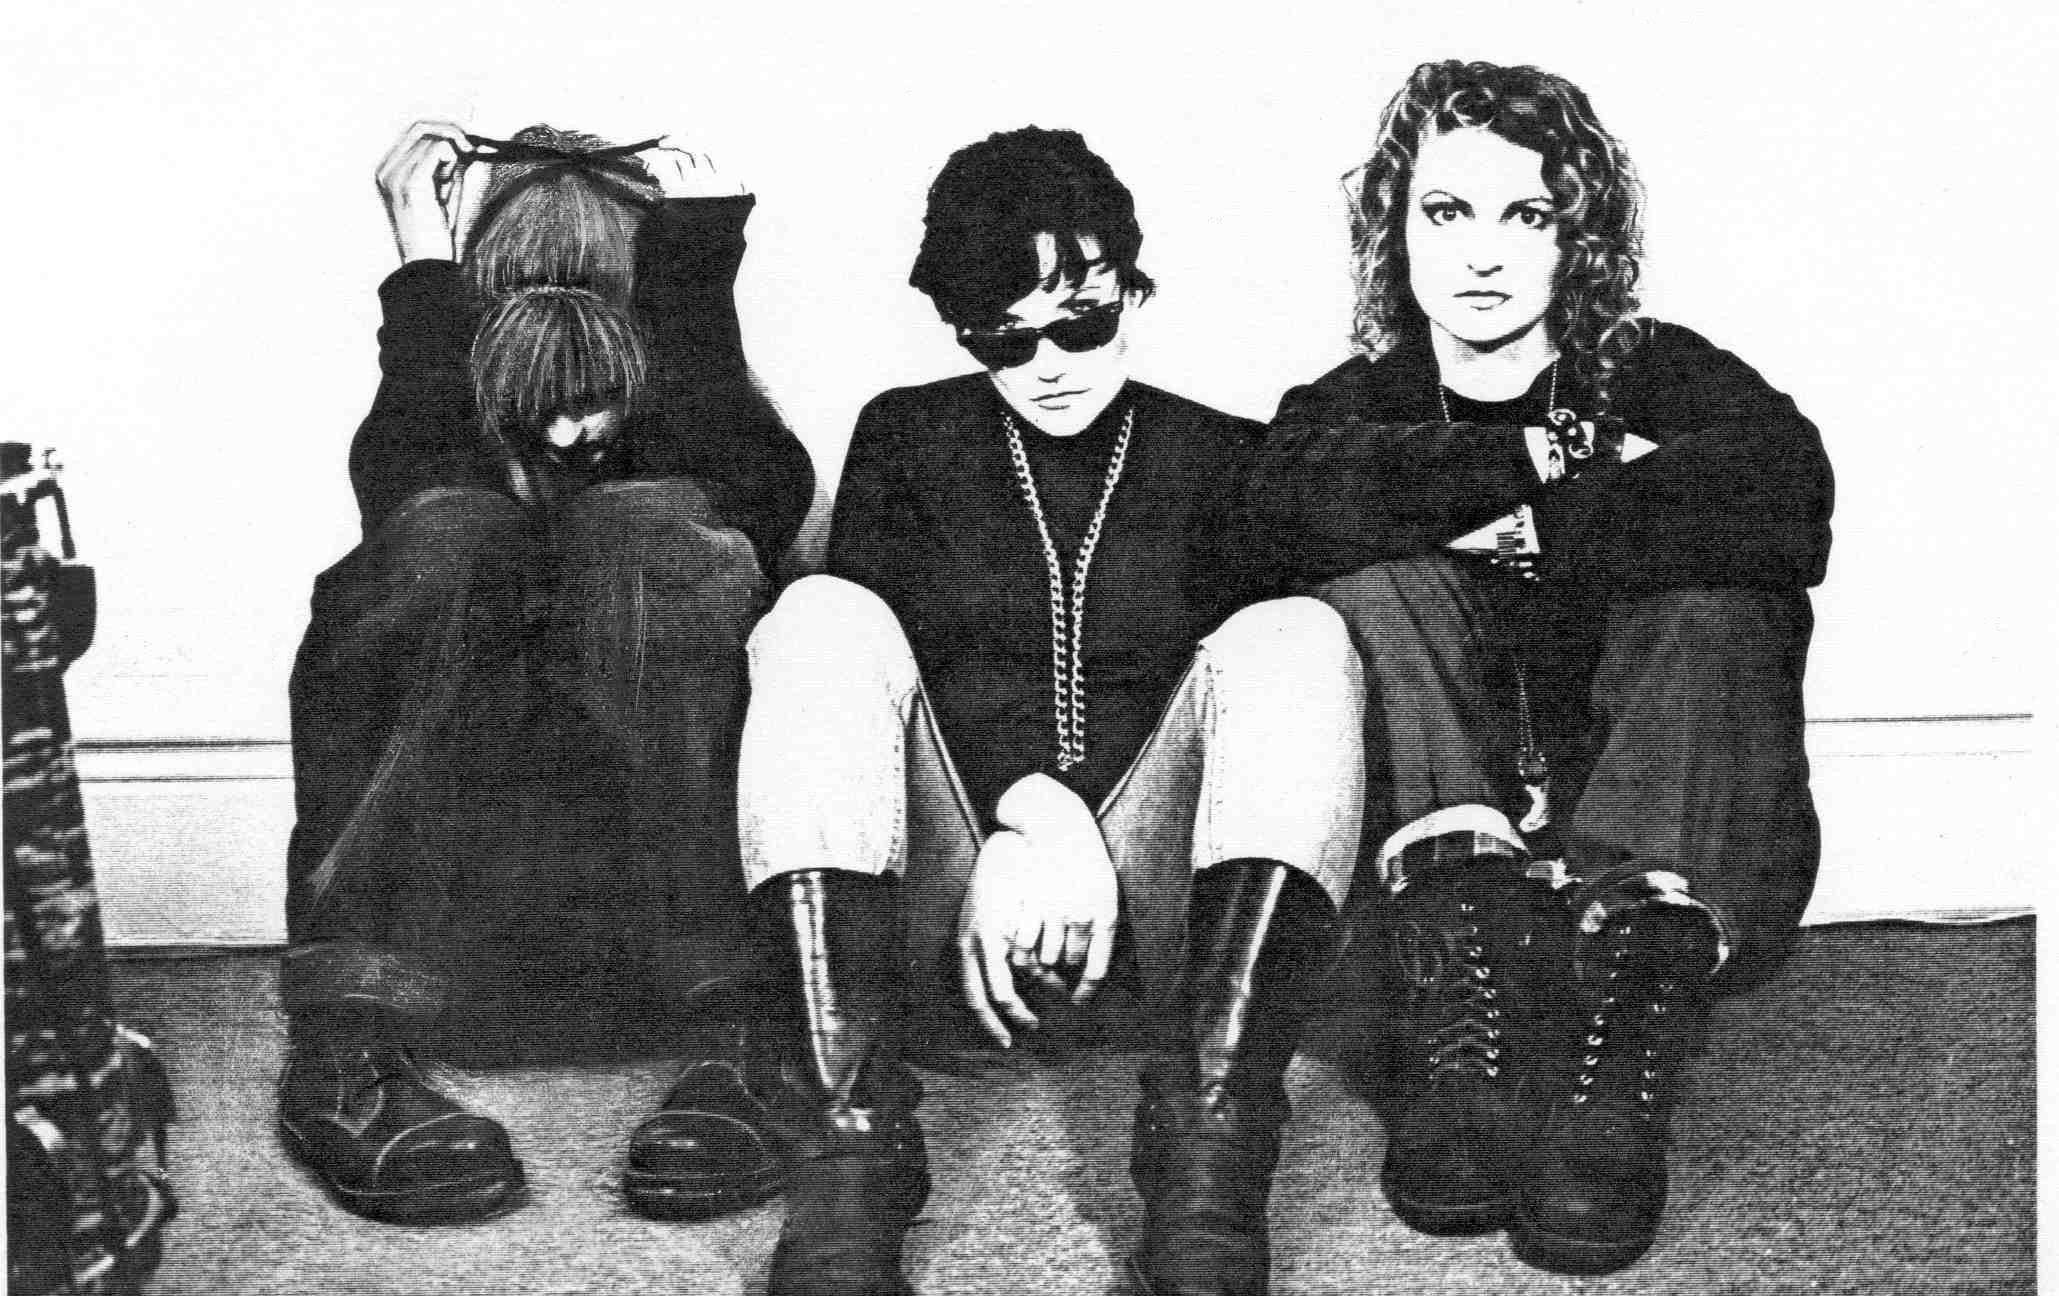 Une photo noir et blanc de trois femmes assises contre un mur. La femme à gauche, tête baissée, joue avec un ruban dans ses cheveux. La femme au milieu porte des lunettes de soleil et fixe l'appareil photo. La femme à droite a les bras croisés qui reposent sur ses genoux.